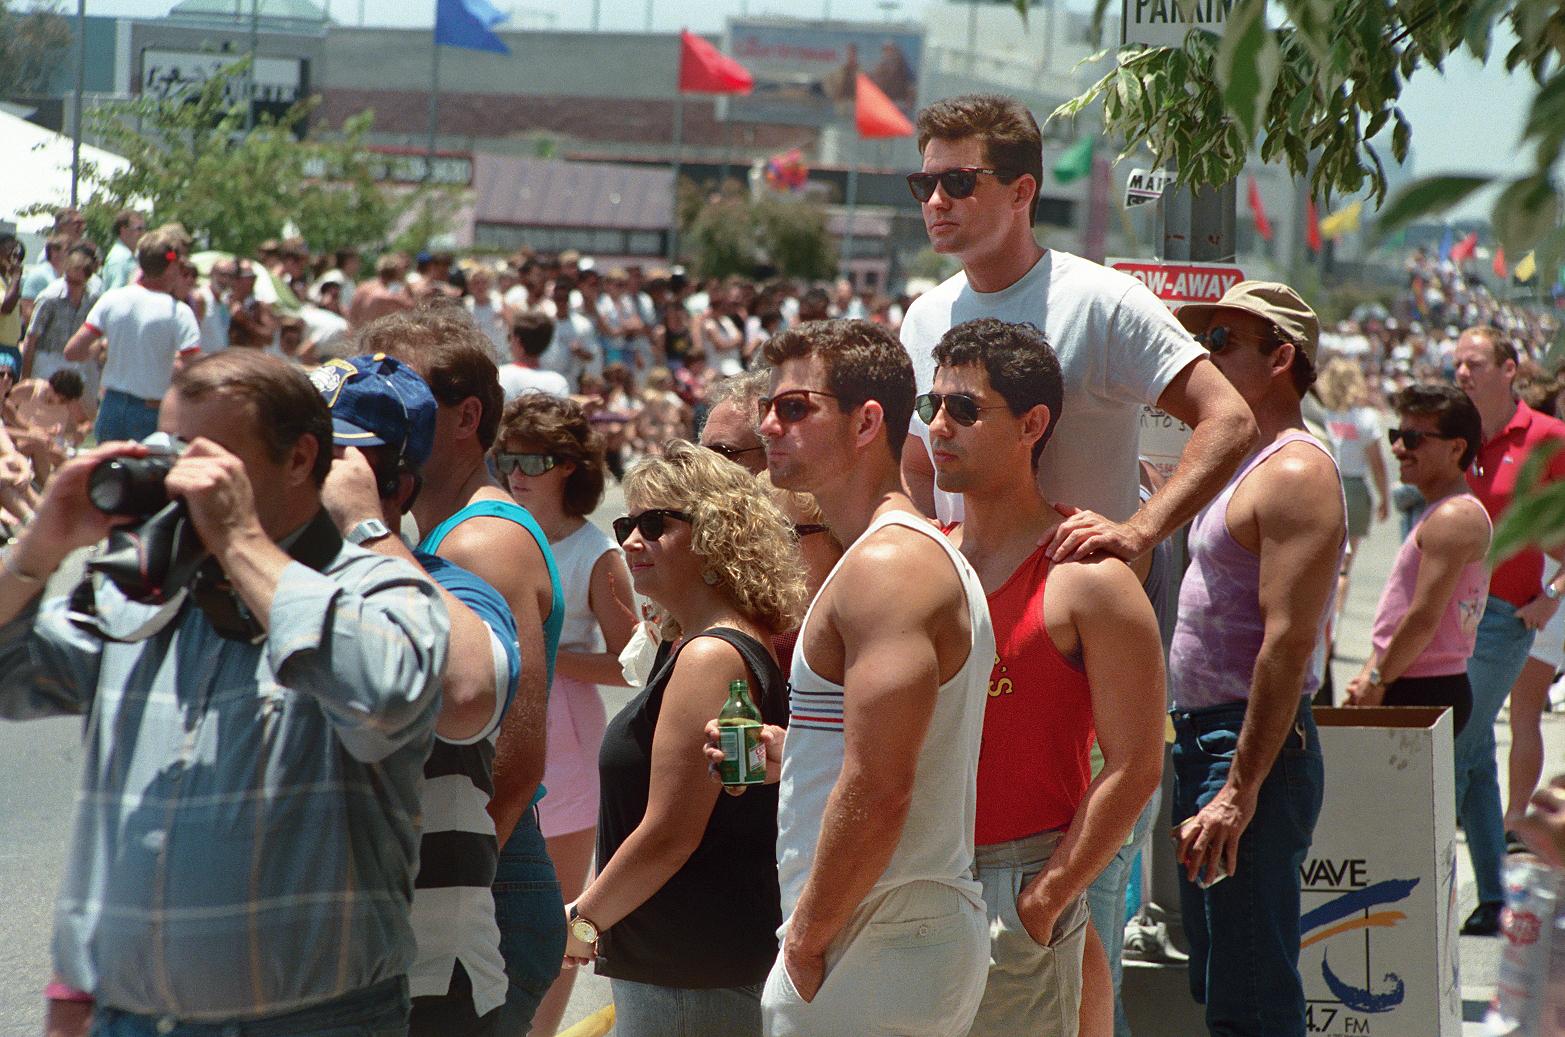 la-pride-1987-1995_21687429944_o